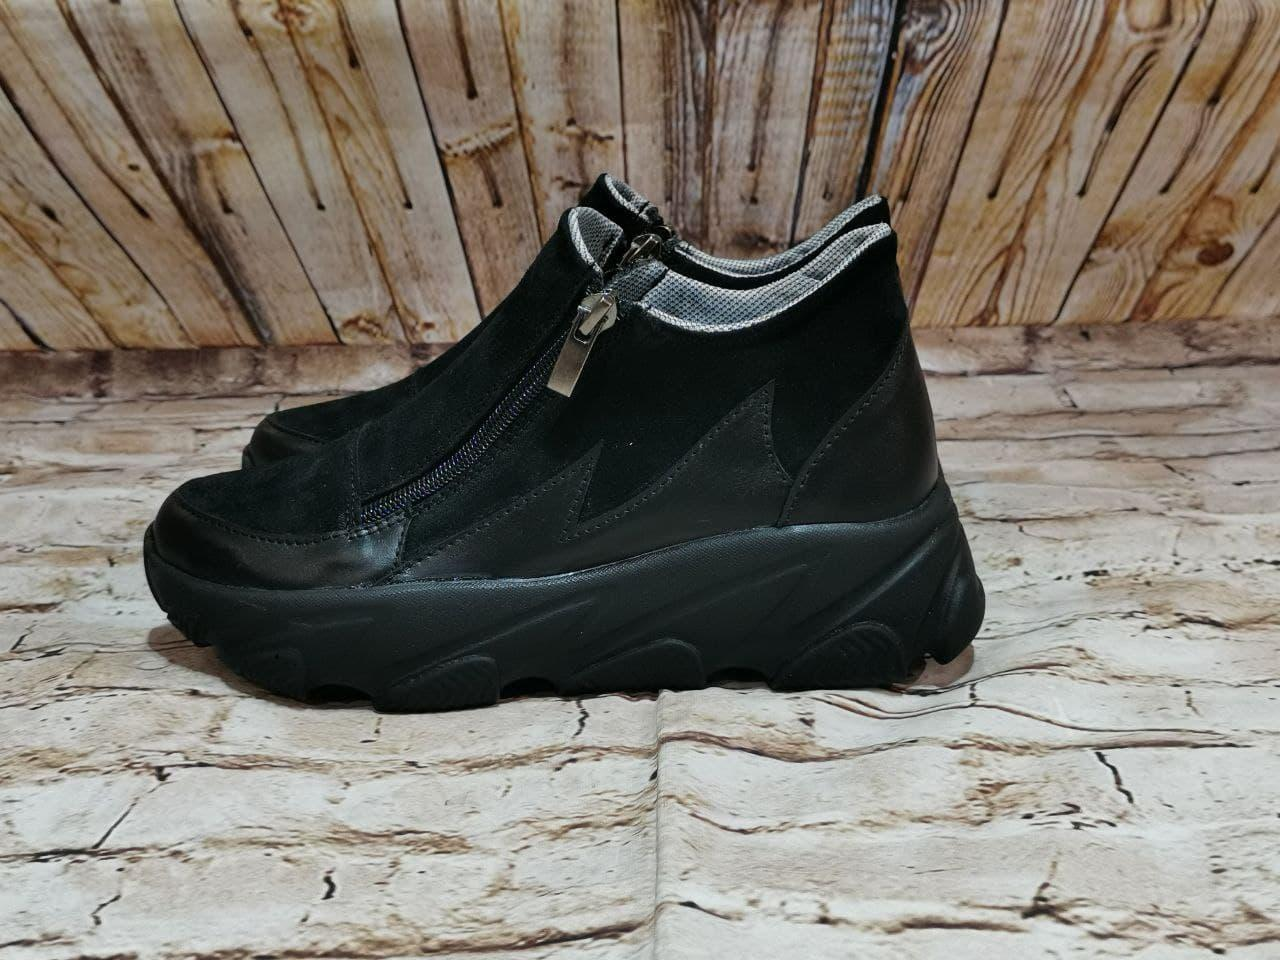 Жіночі високі класичні чорні замшеві черевики на блискавці